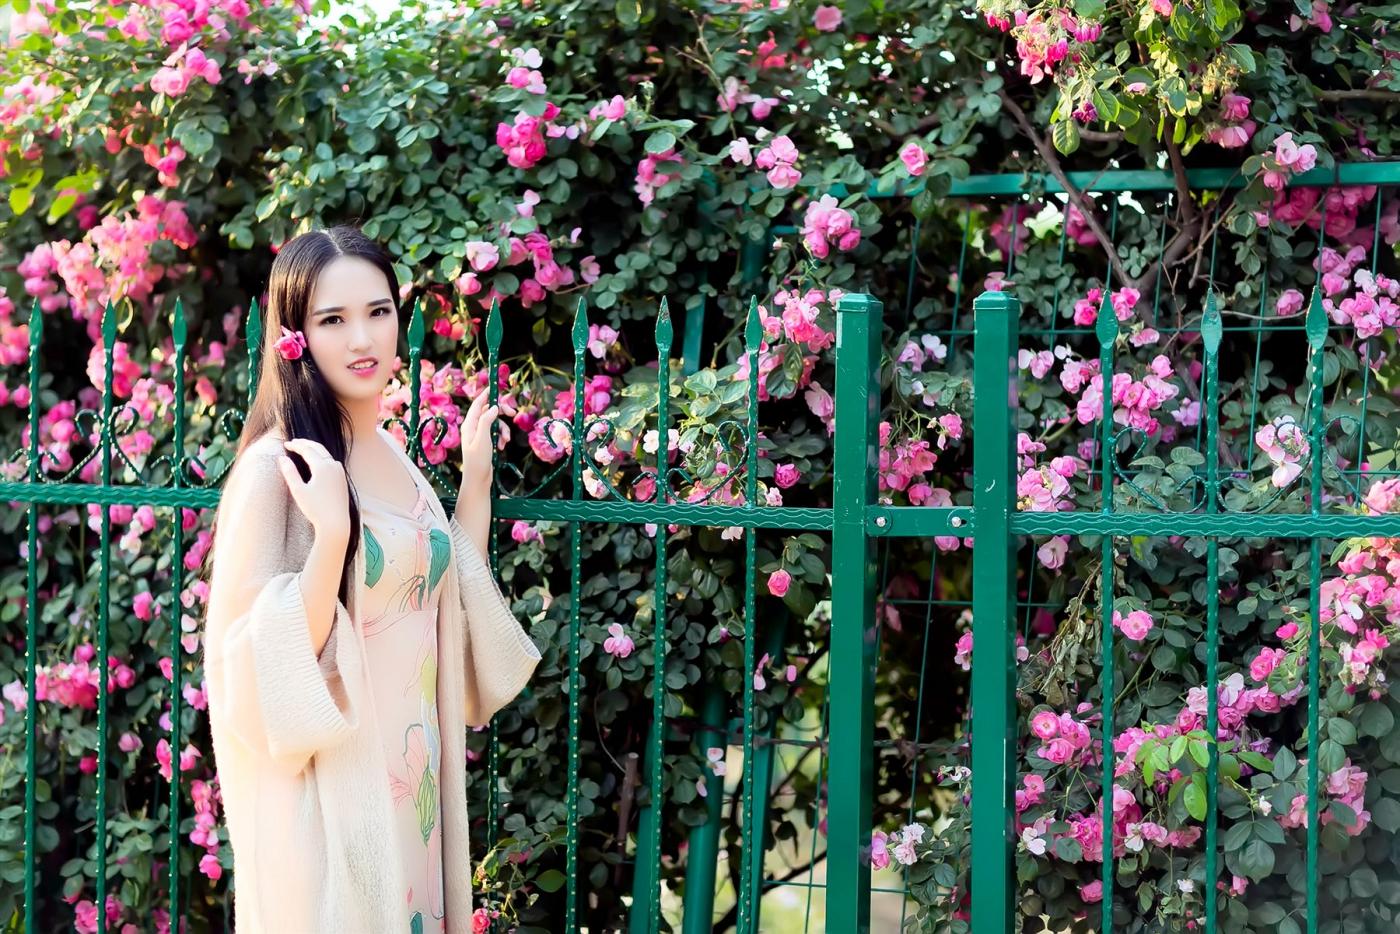 蔷薇·阳光·女孩 去见你想见的人吧_图1-8